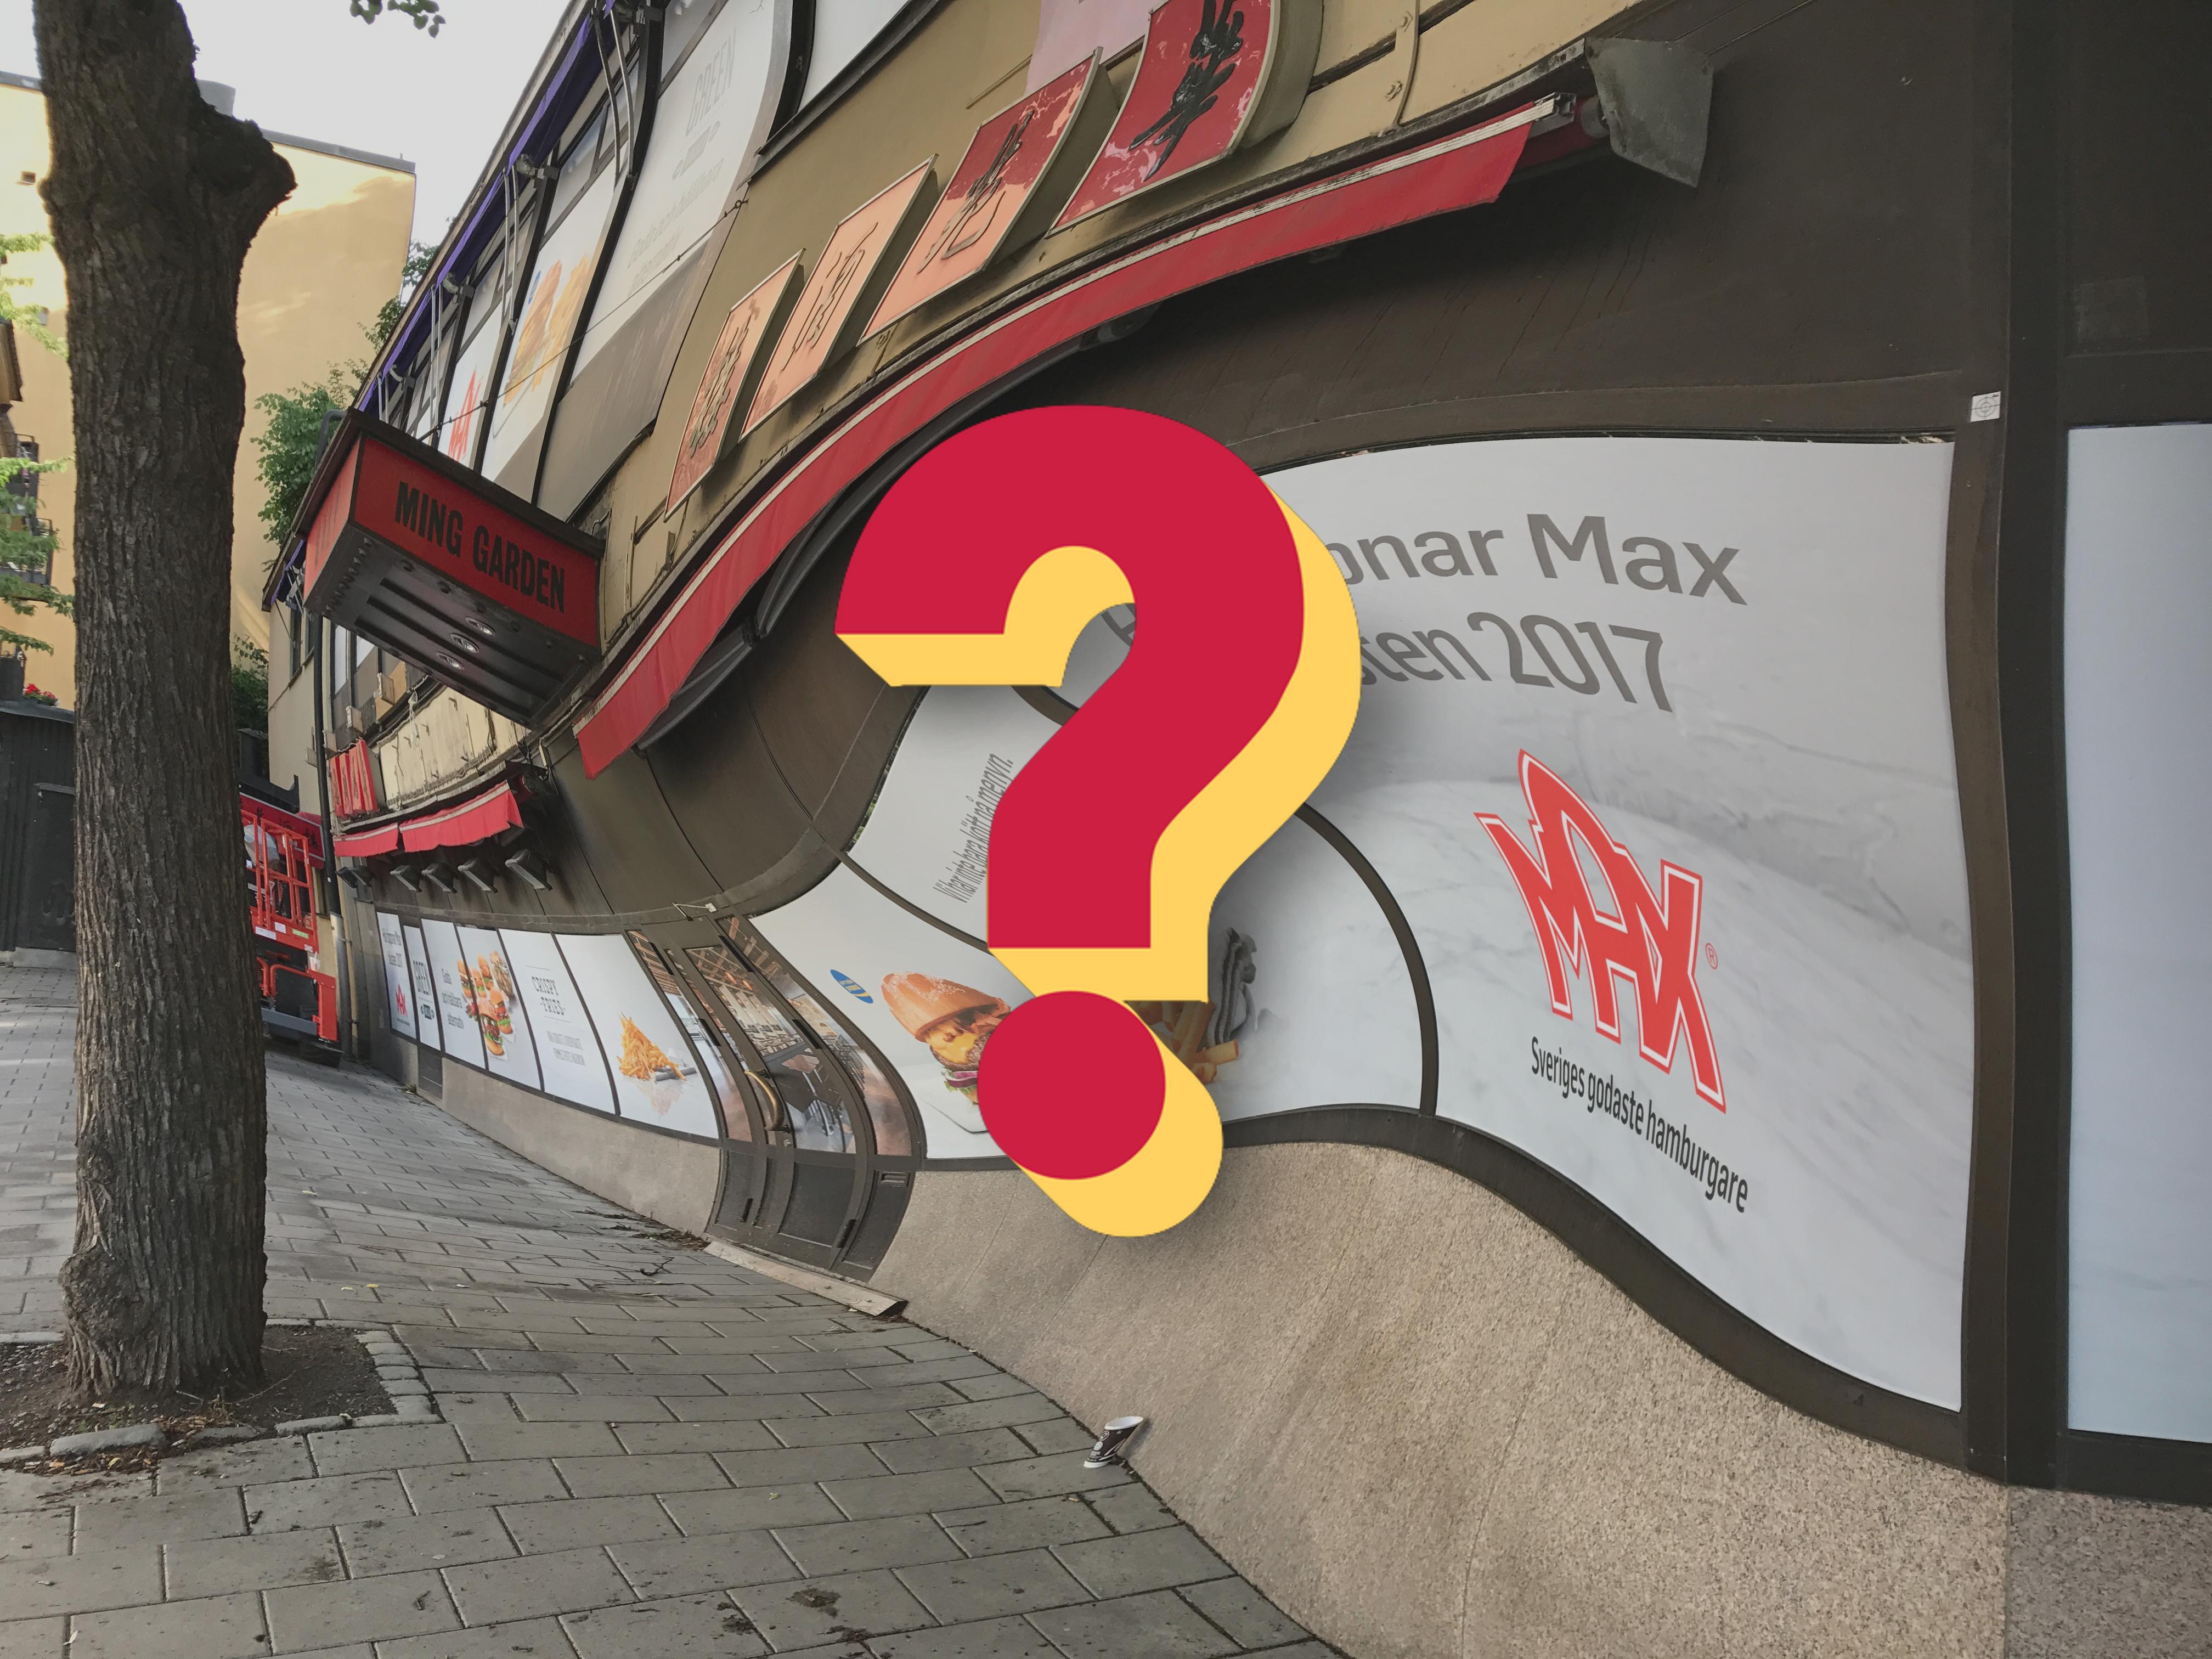 Max Medis: vad hände?